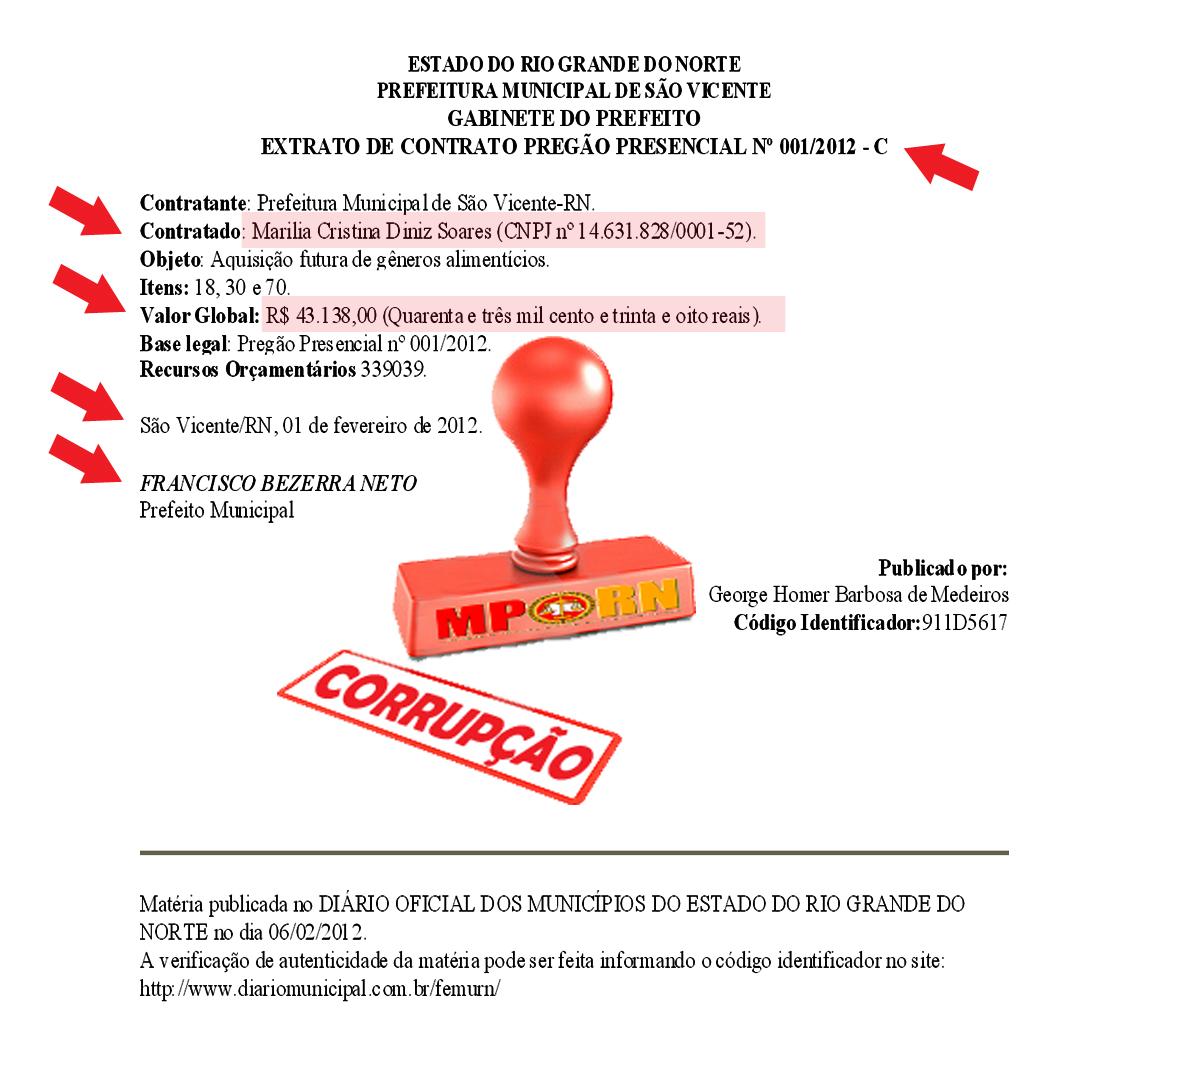 DOCUMENTO PUBLICADO PELA COMISSÃO DE LICITAÇÕES DA PREFEITURA DE SÃO VICENTE  NO DIÁRIO OFICIAL DA FEMURN   e882b328b7